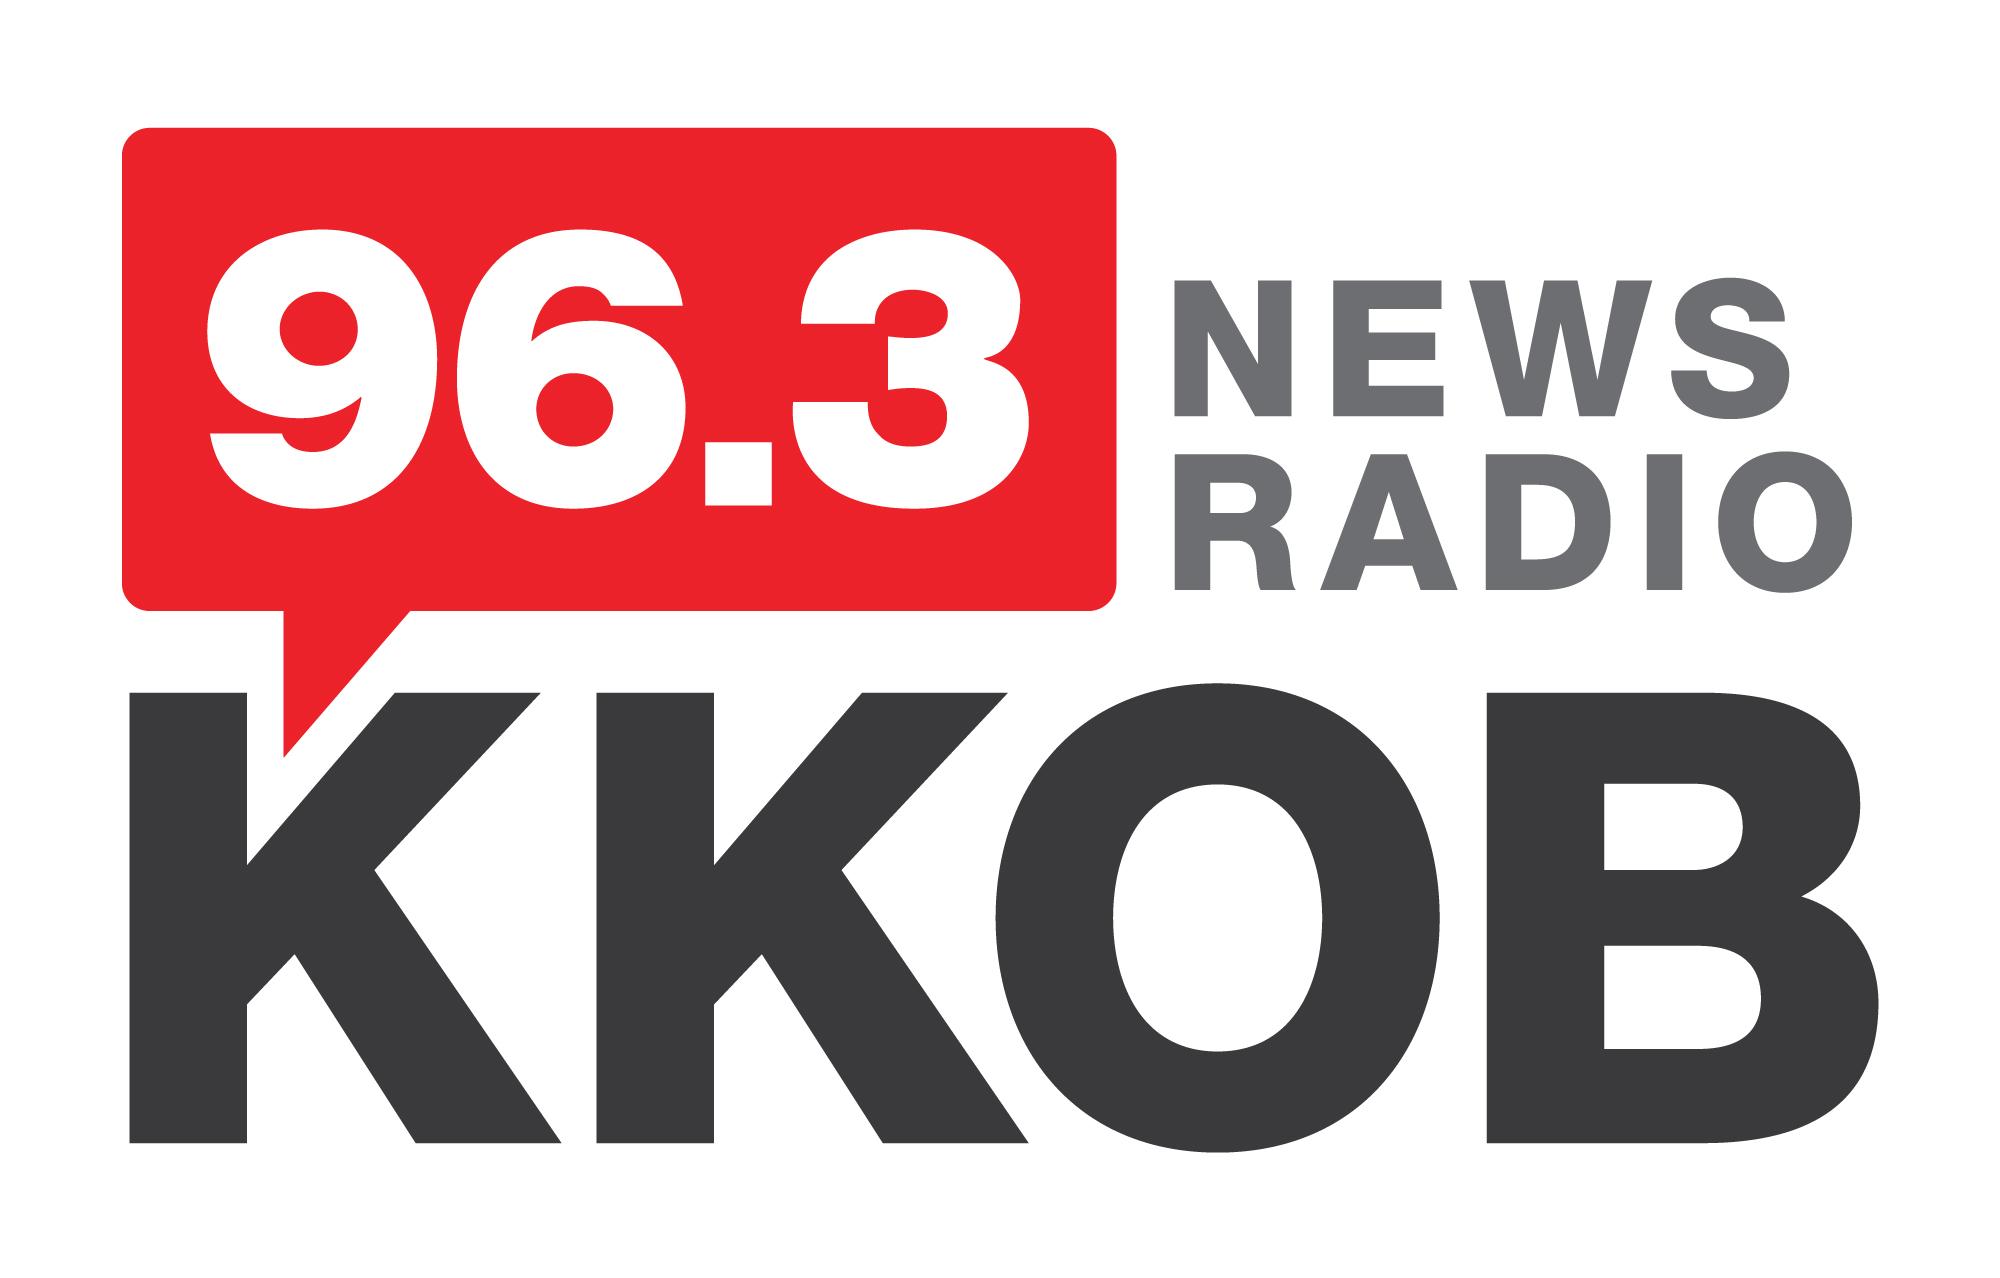 96.3 News Radio KKOB